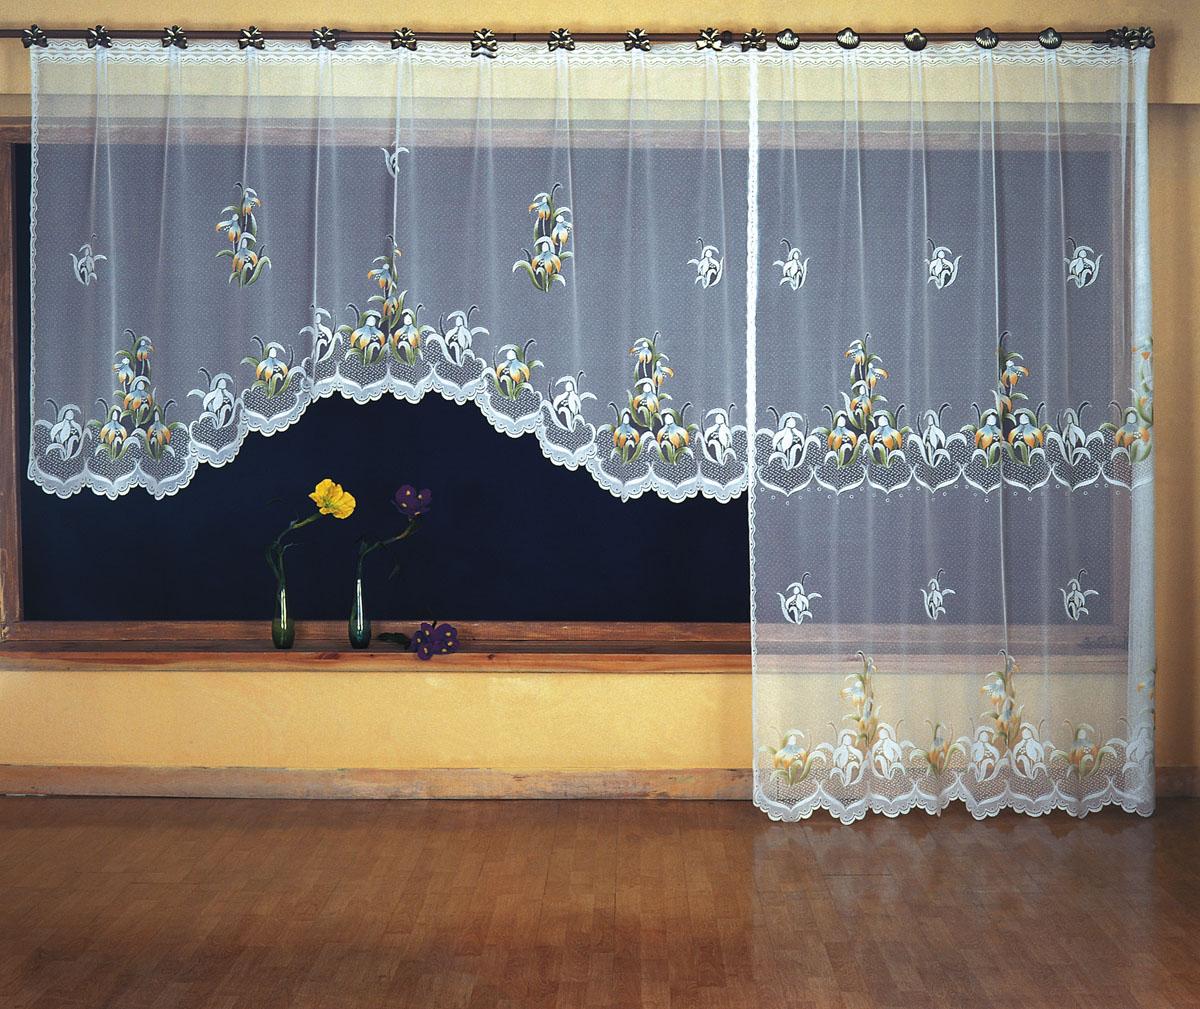 Комплект гардин для балкона Wisan, цвет: белый, высота 250 см374816Комплект воздушных гардин Wisan для балкона, изготовленные из полиэстера белого цвета, декорированы цветочным орнаментом. Гардины станут великолепным украшением балконного окна. В комплект входит короткая гардина для окна и длинная гардина для балконной двери. Тонкое плетение, оригинальный дизайн и приятная цветовая гамма привлекут к себе внимание и органично впишутся в интерьер. Характеристики:Материал: 100% полиэстер. Цвет: белый. Размер упаковки:26 см х 3 см х 35 см. Артикул: 374816.В комплект входит:Гардина - 1 шт. Размер (ШхВ): 300 см х 150 см.Гардина - 1 шт. Размер (ШхВ): 200 см х 250 см. Фирма Wisan на польском рынке существует уже более пятидесяти лет и является одной из лучших польских фабрик по производству штор и тканей. Ассортимент фирмы представлен готовыми комплектами штор для гостиной, детской, кухни, а также текстилем для кухни (скатерти, салфетки, дорожки, кухонные занавески). Модельный ряд отличает оригинальный дизайн, высокое качество.Ассортимент продукции постоянно пополняется.